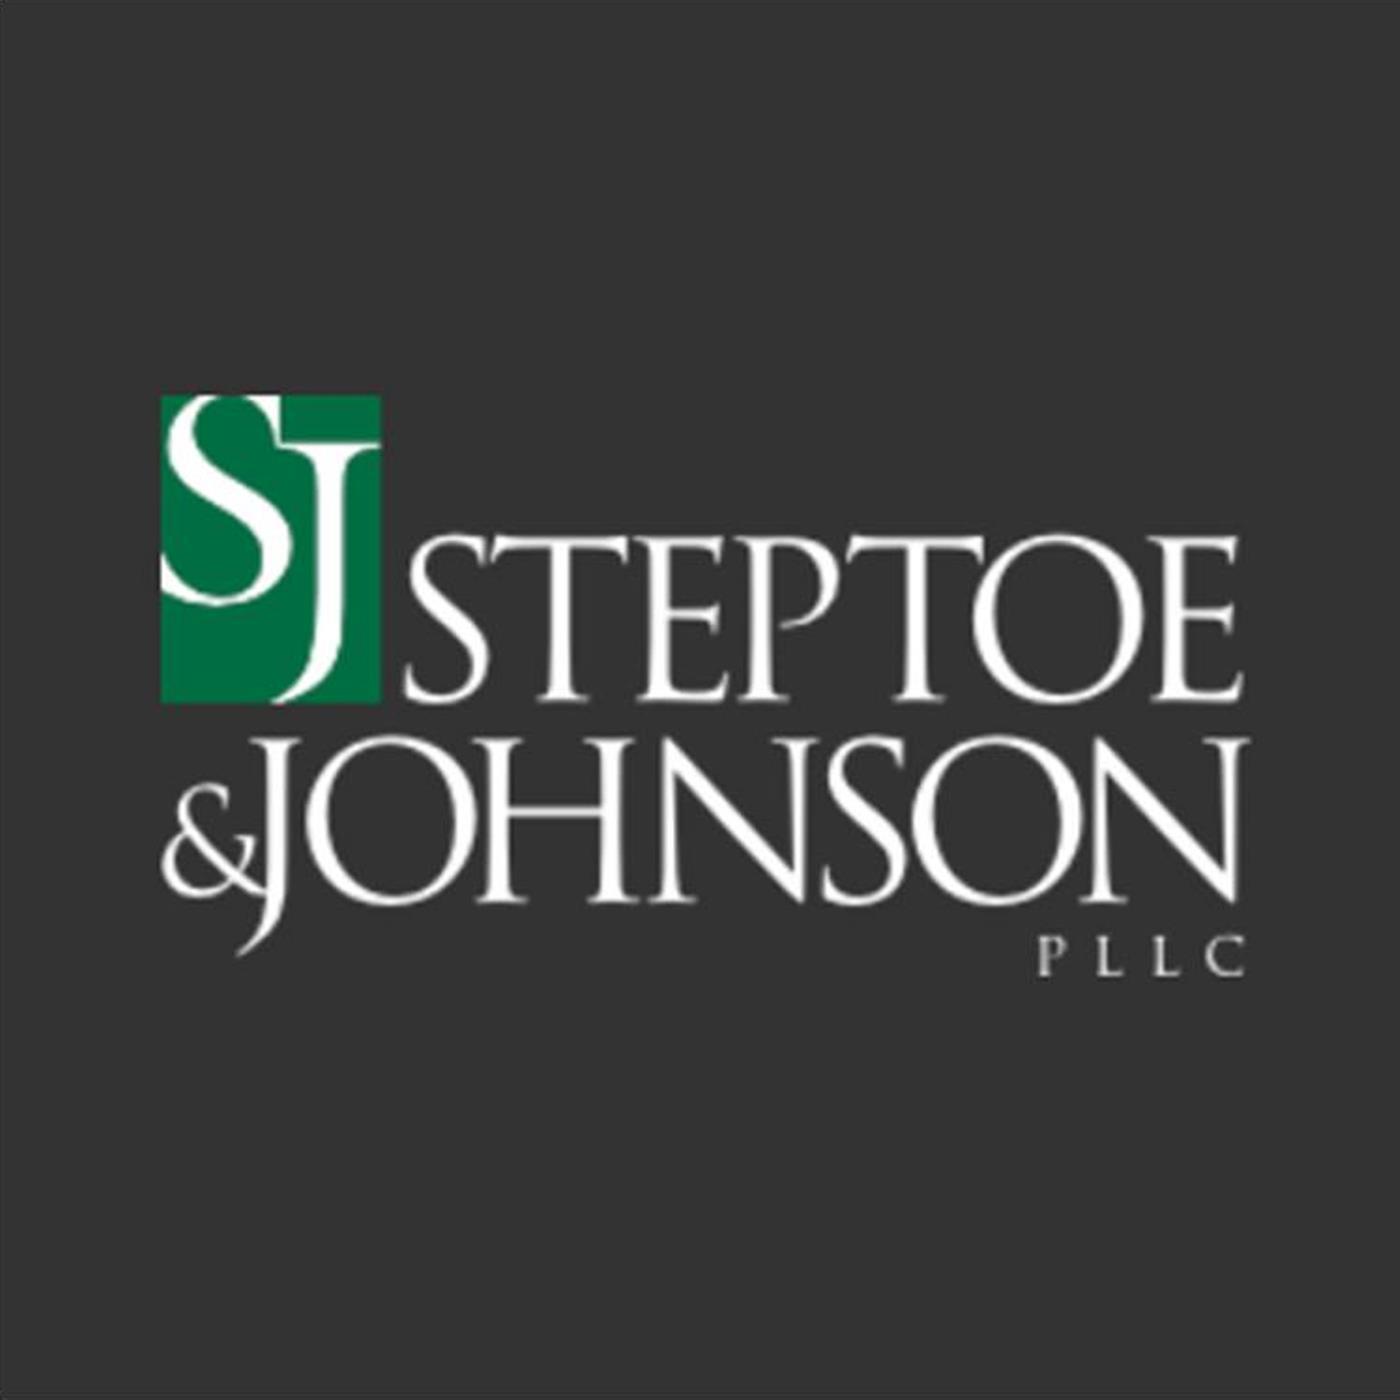 Steptoe & Johnson Podcast